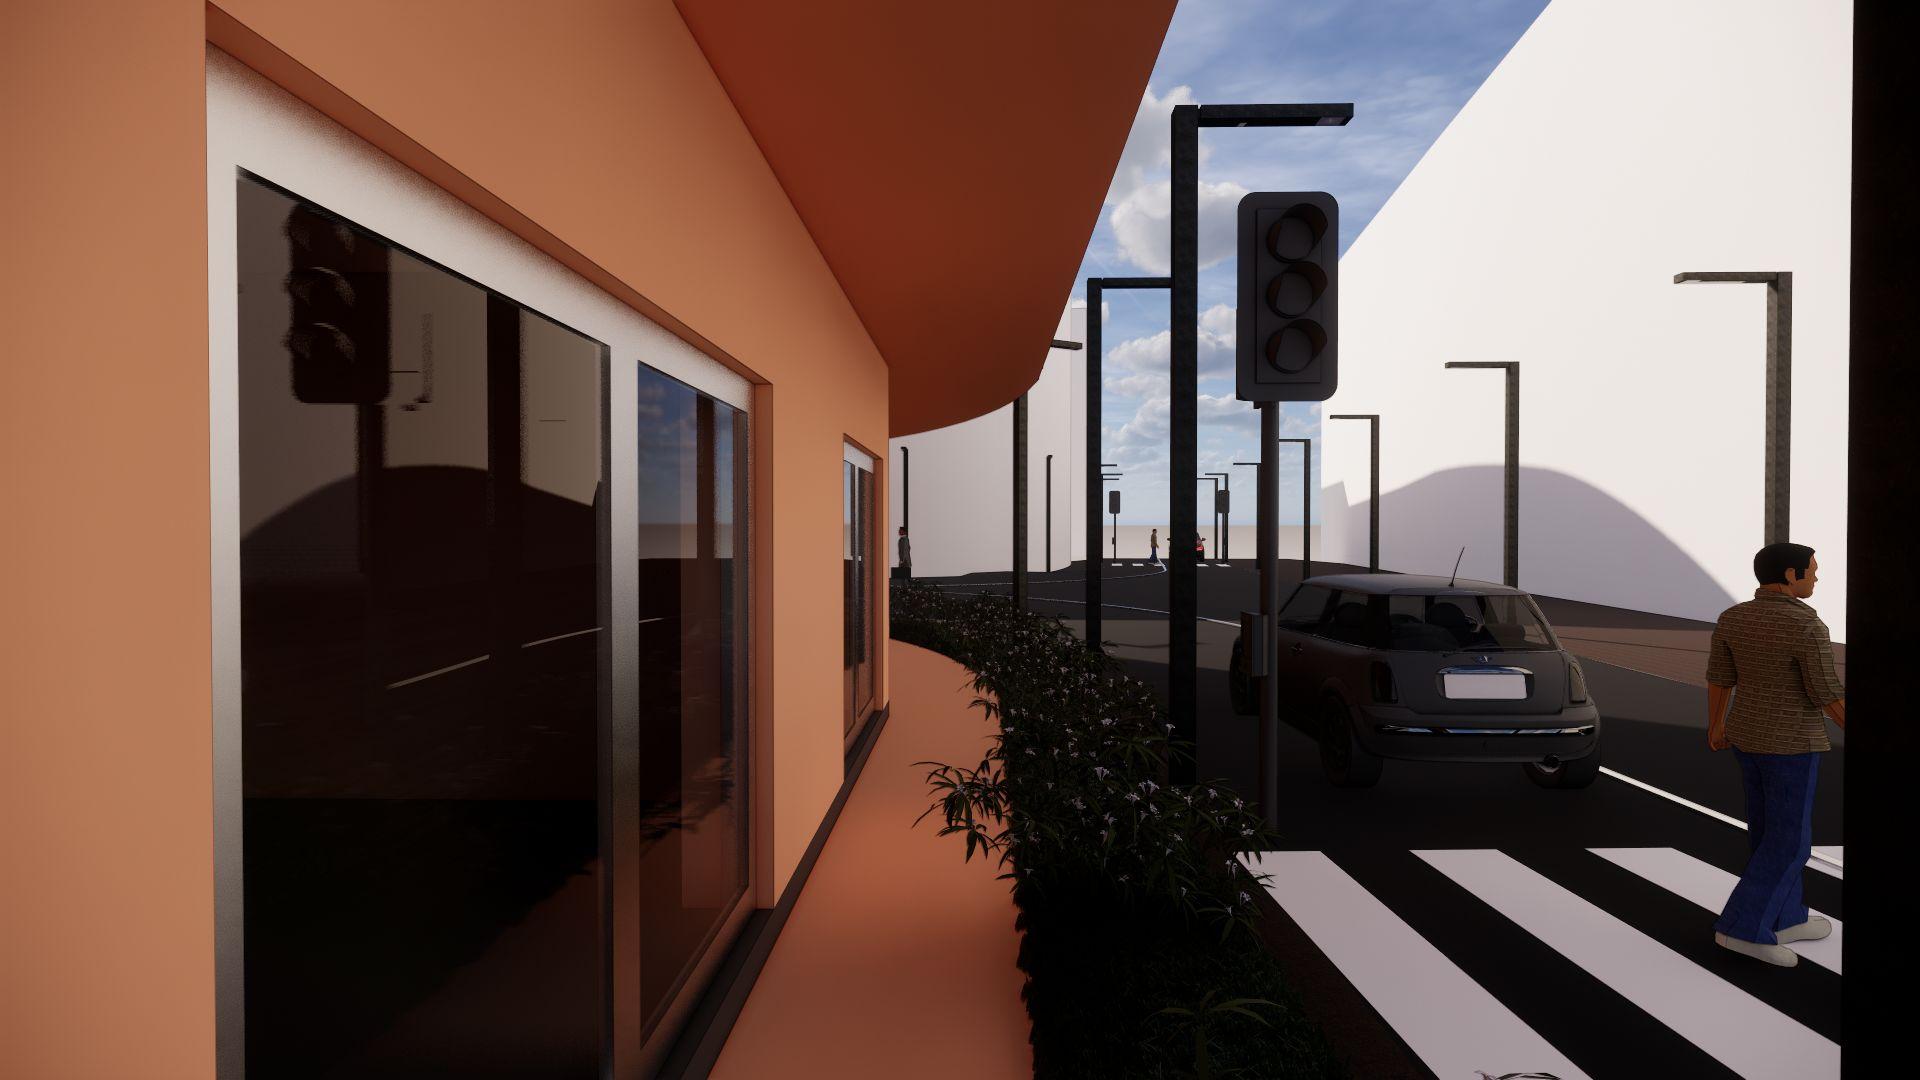 Enscape-2020-01-15-12-40-11-3500-3500